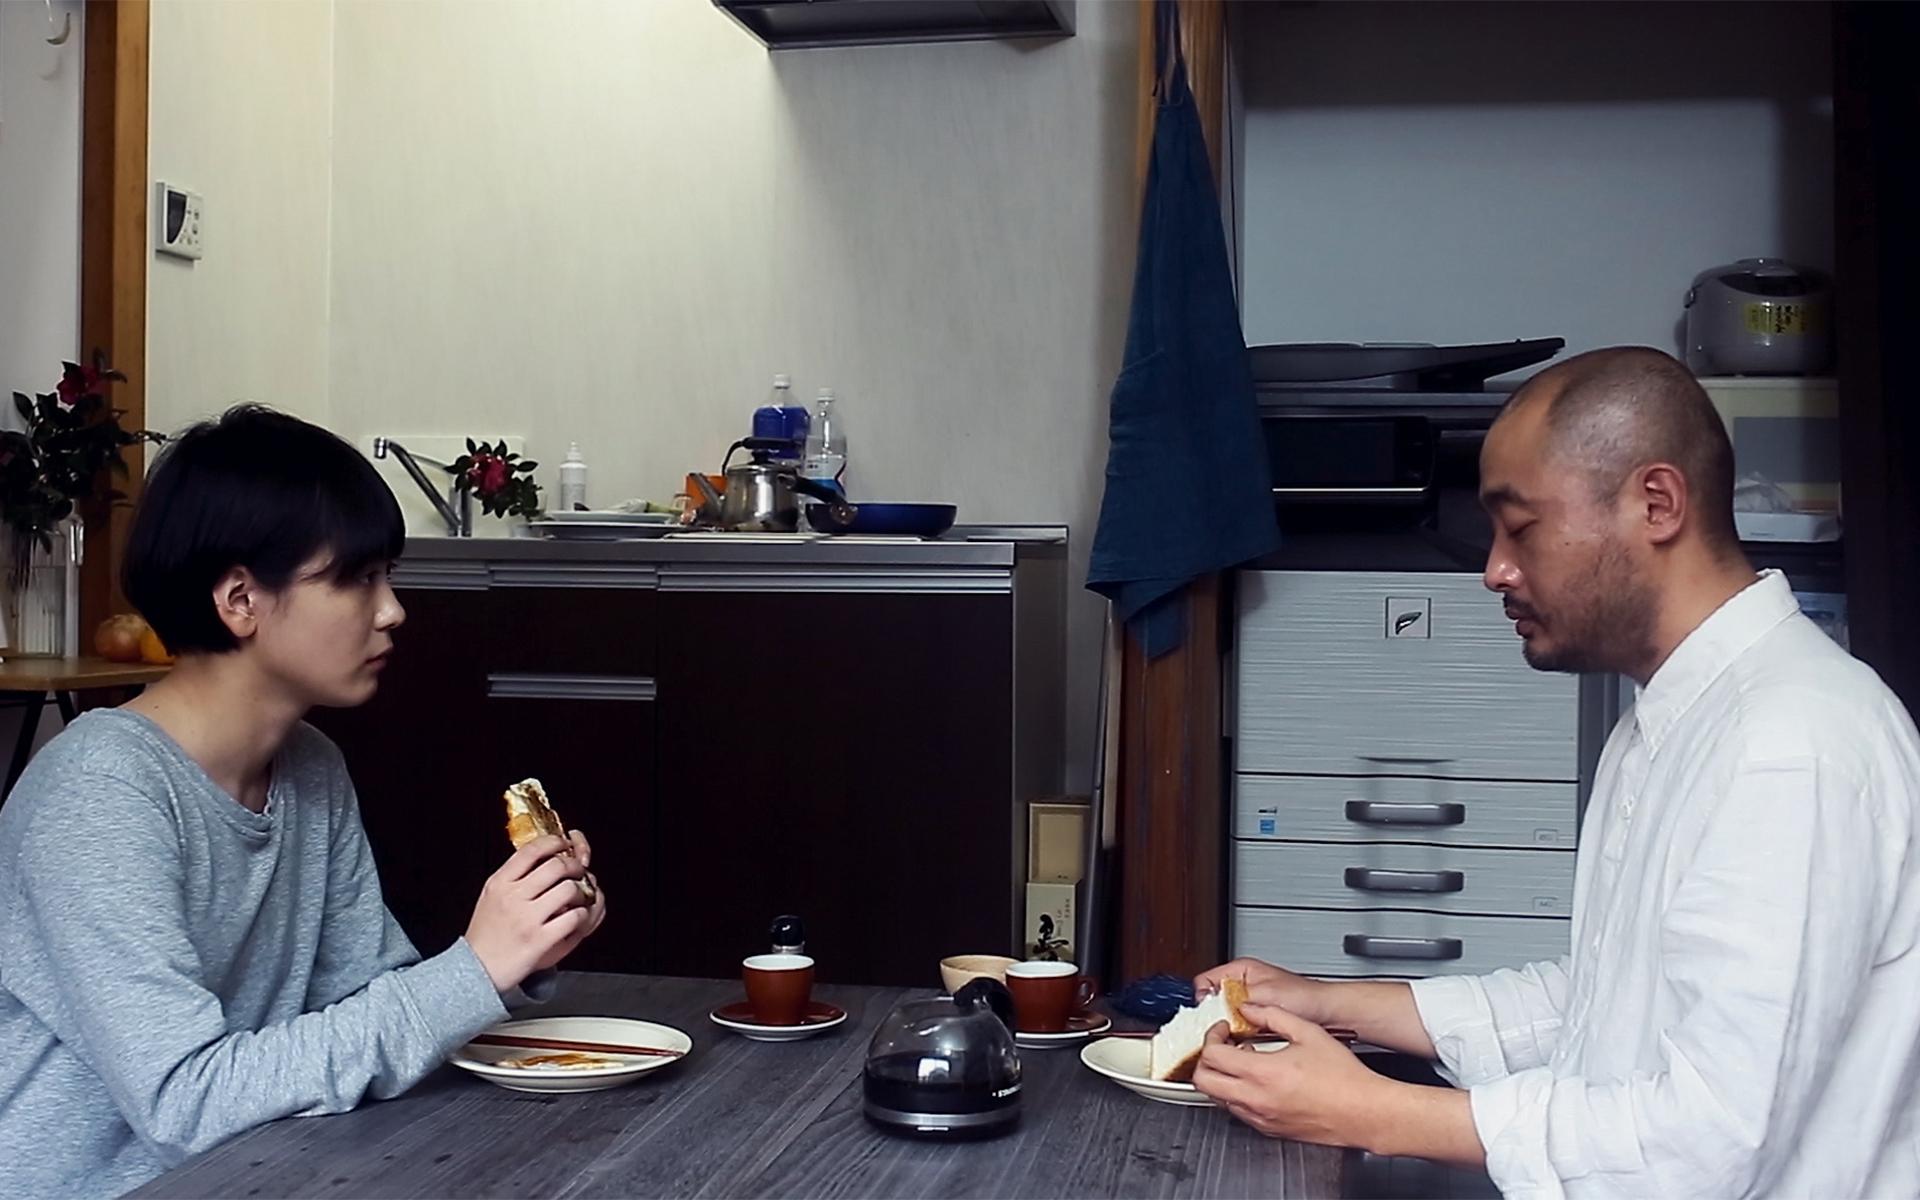 左から、瀬戸かほ、宇野祥平 (C)2019 キングレコード株式会社